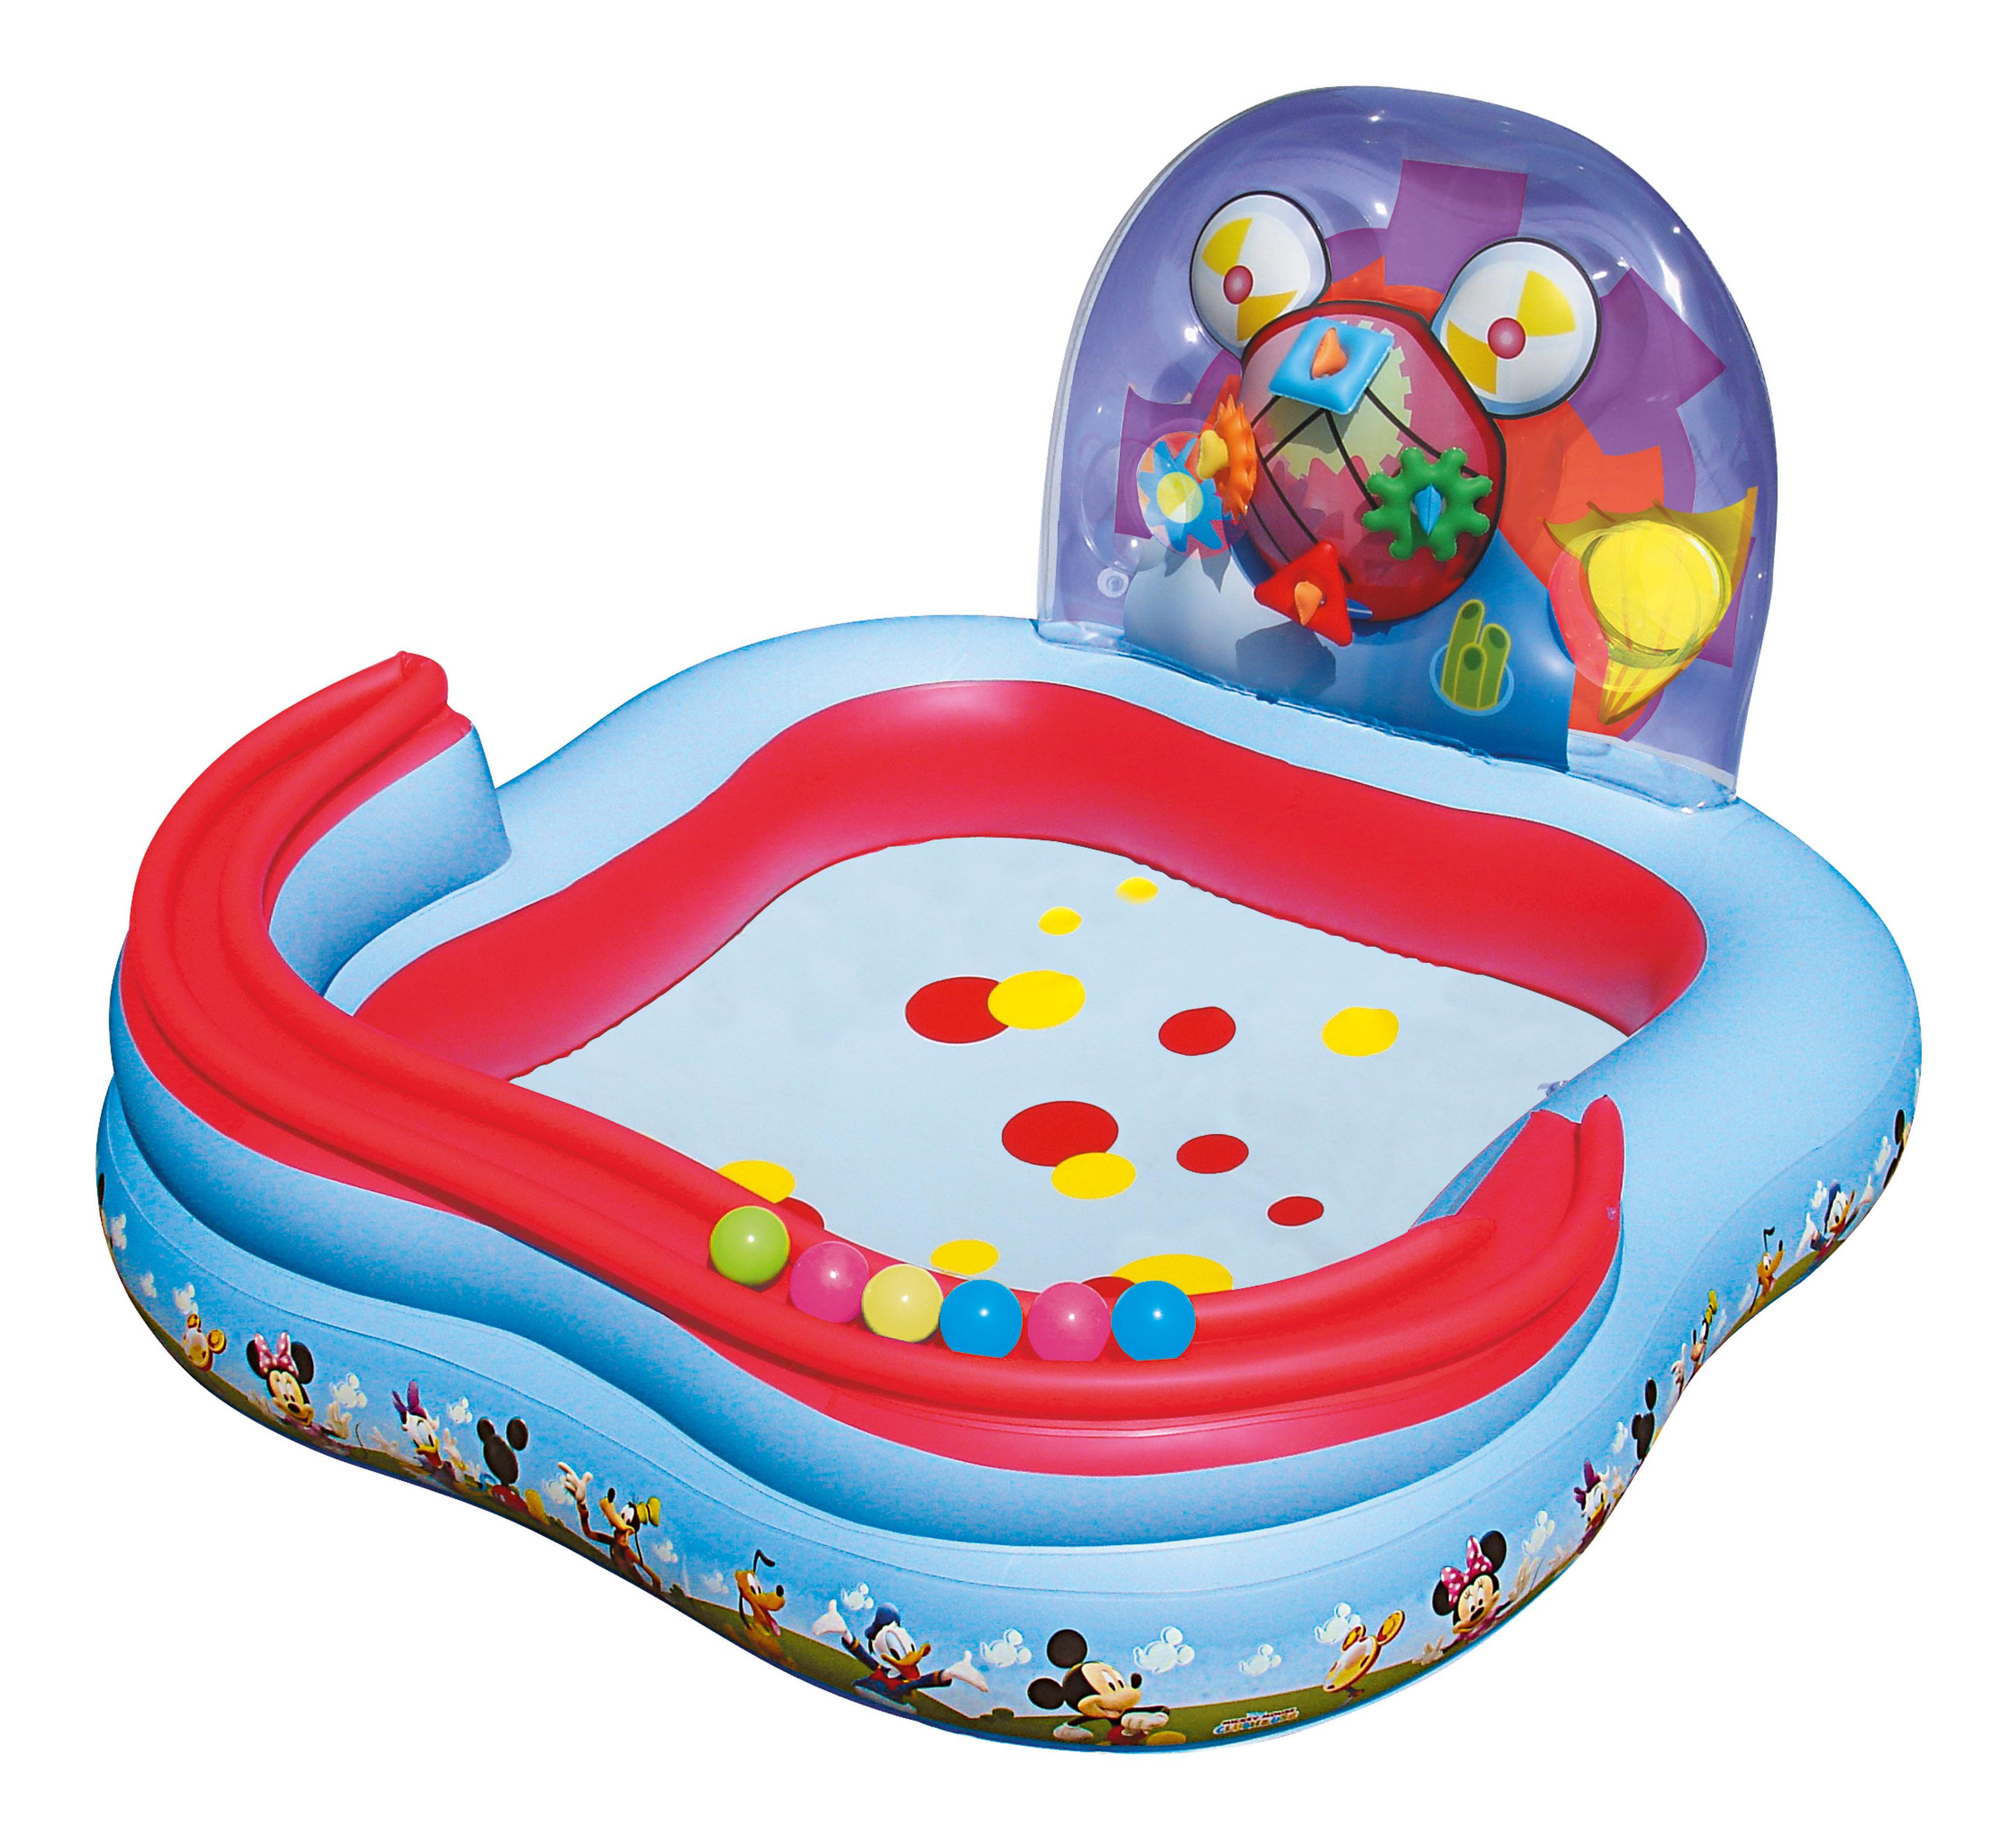 Купить Bestway игровой бассейн play center 157х157х91 см, Детские бассейны